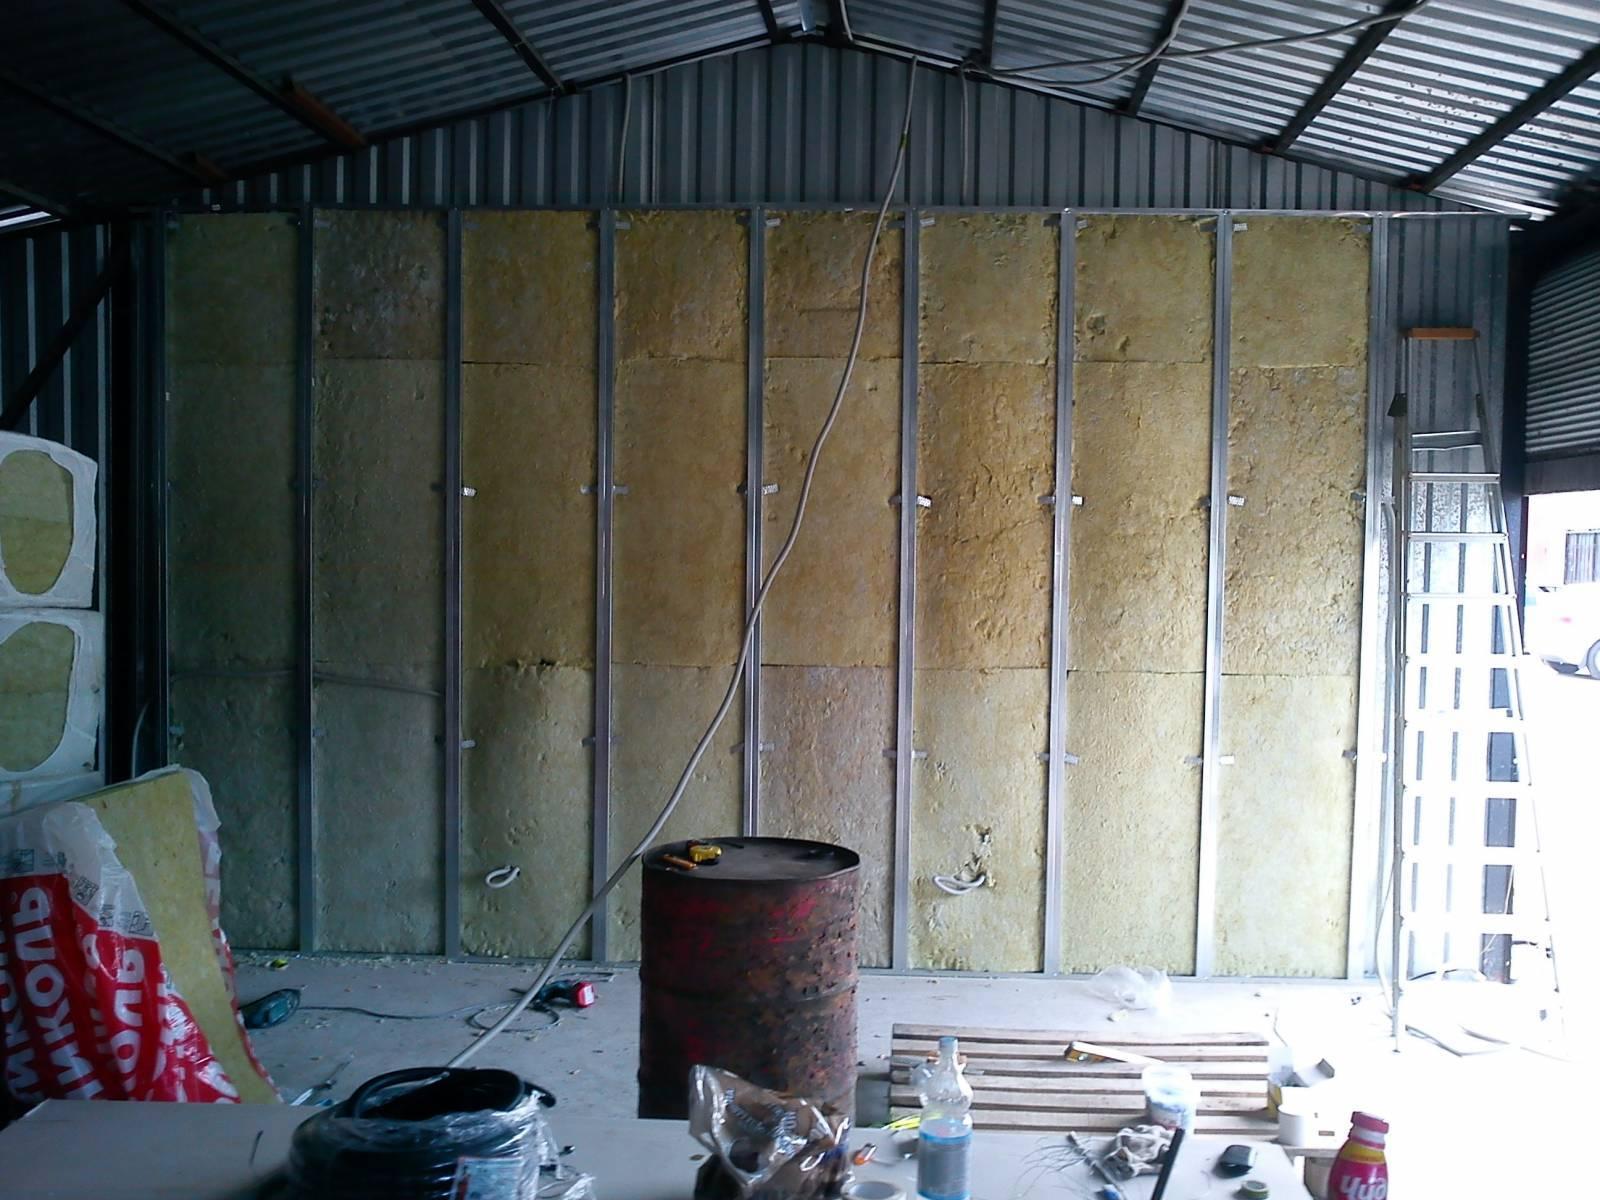 Утепляем недорого гараж изнутри своими руками: как утеплить пенопластом стены